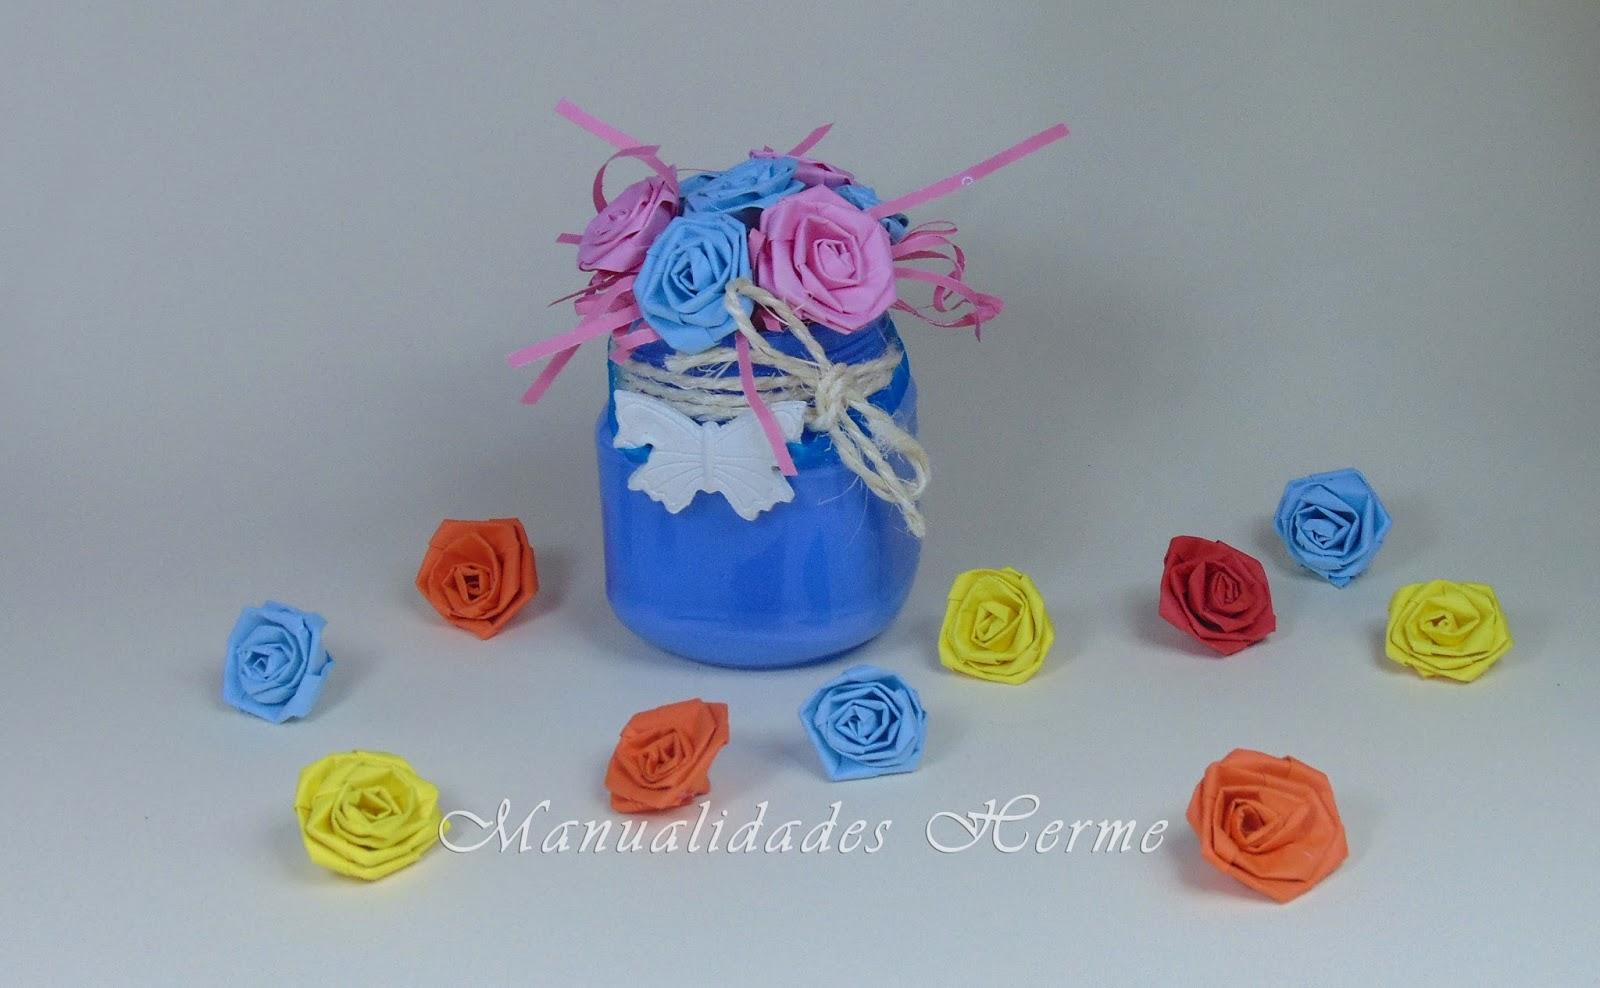 Como hacer flores con papel Crepe Todo Manualidades - Como Hacer Flores De Papel Paso A Paso Con Imagenes